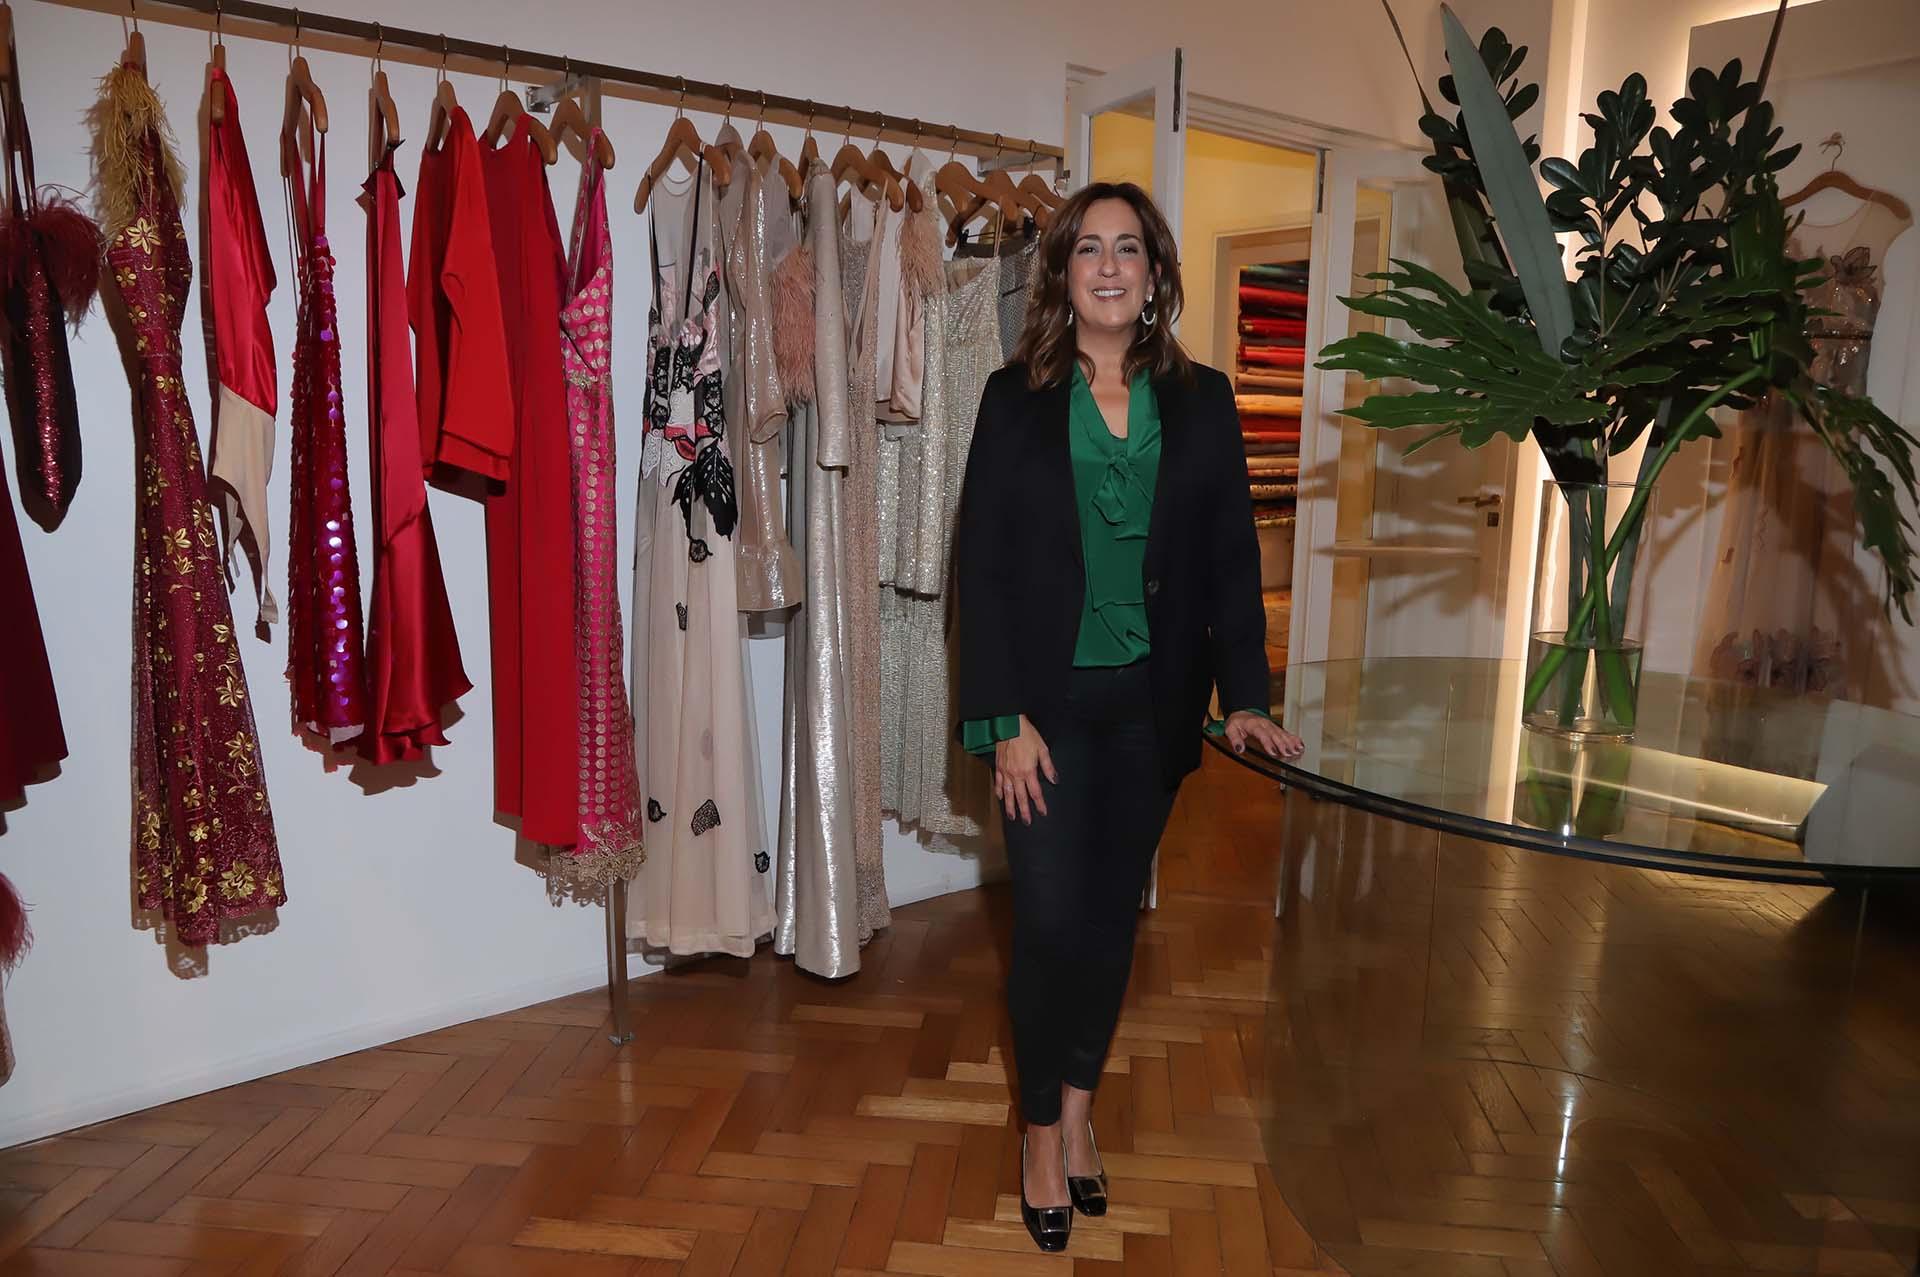 Con más de dos décadas en el mundo de la moda, la diseñadora Pía Carregal inauguró su nuevo atelier en Recoleta. El nuevo espacio es ideal para el diseño de vestidos realizados a medida